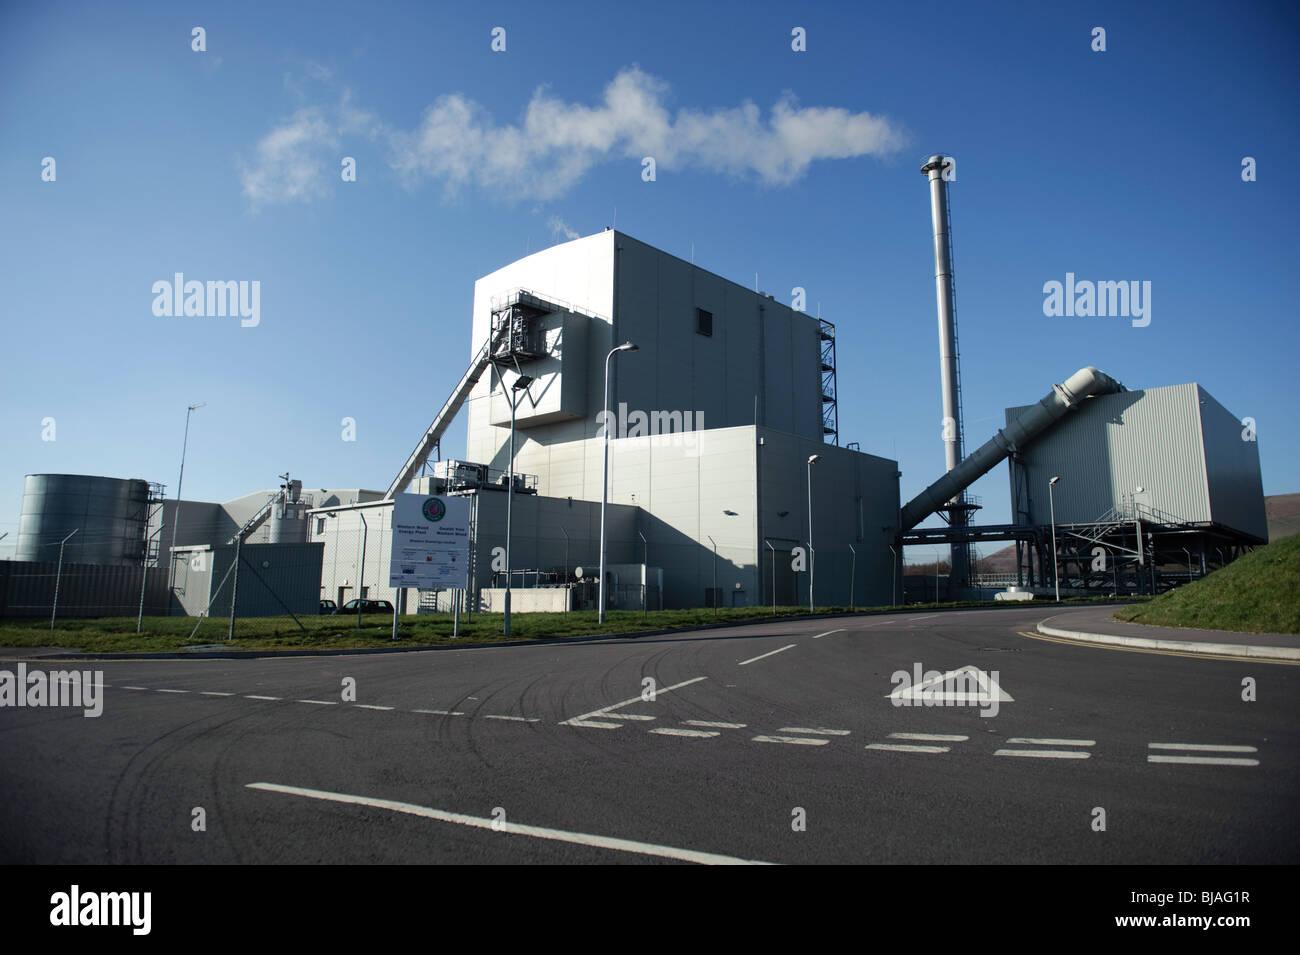 Western Wood biomass energy plant, Margam , South Wales UK - Stock Image